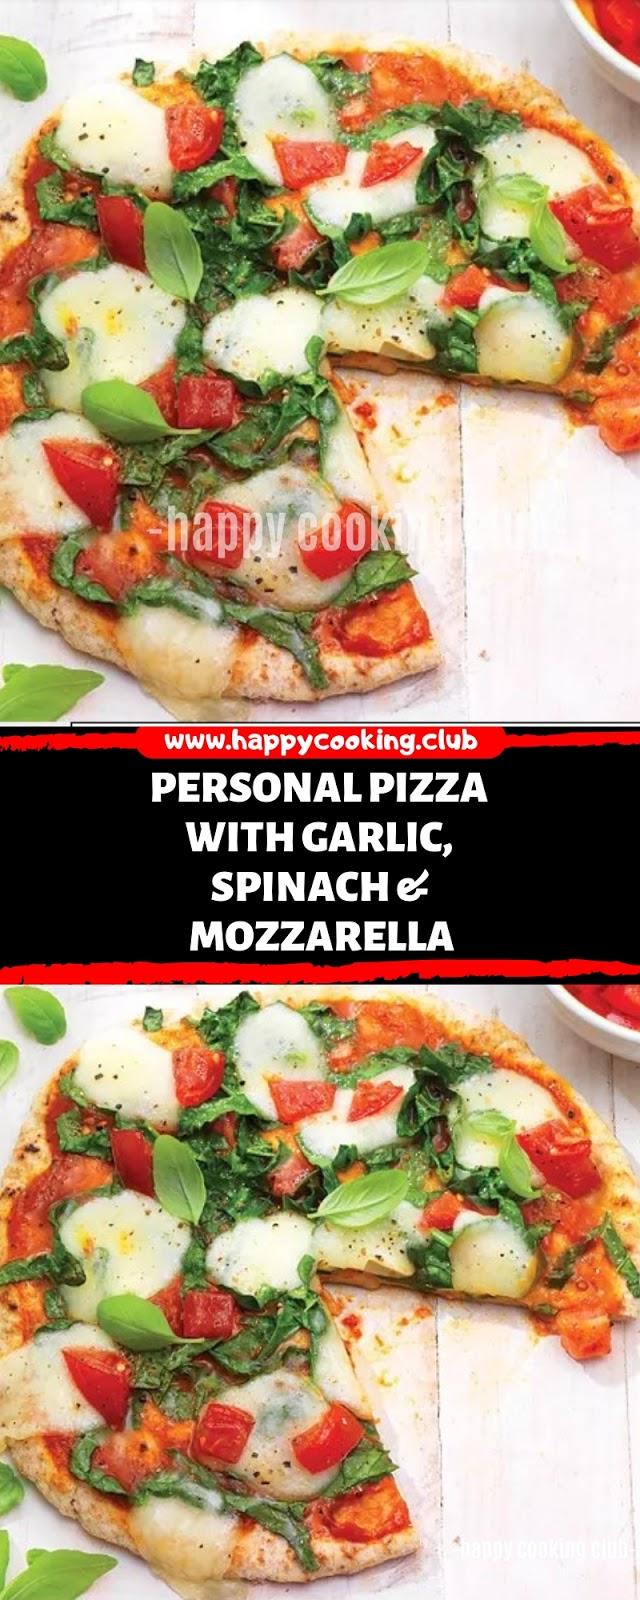 Personal Pizza with Garlic, Spinach & Mozzarella Recipes